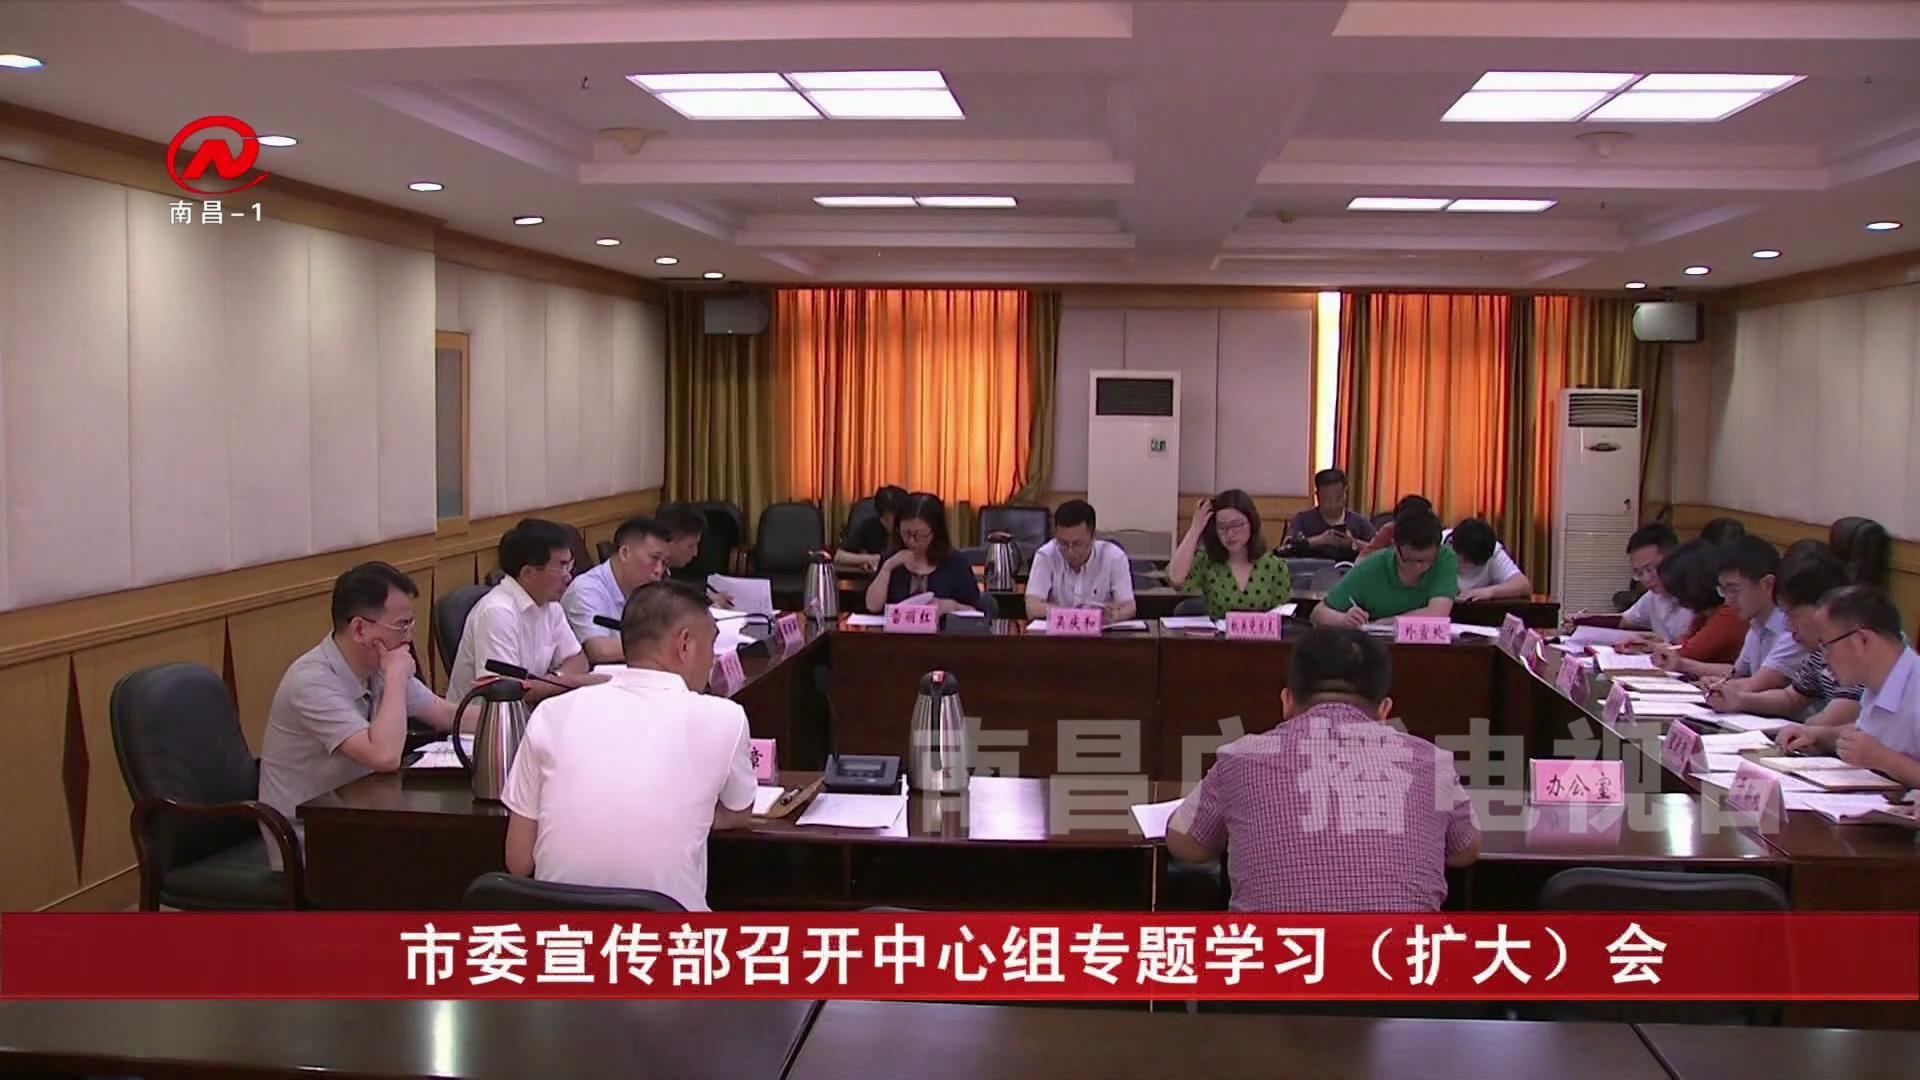 市委宣傳部召開中心組專題學習(擴大)會